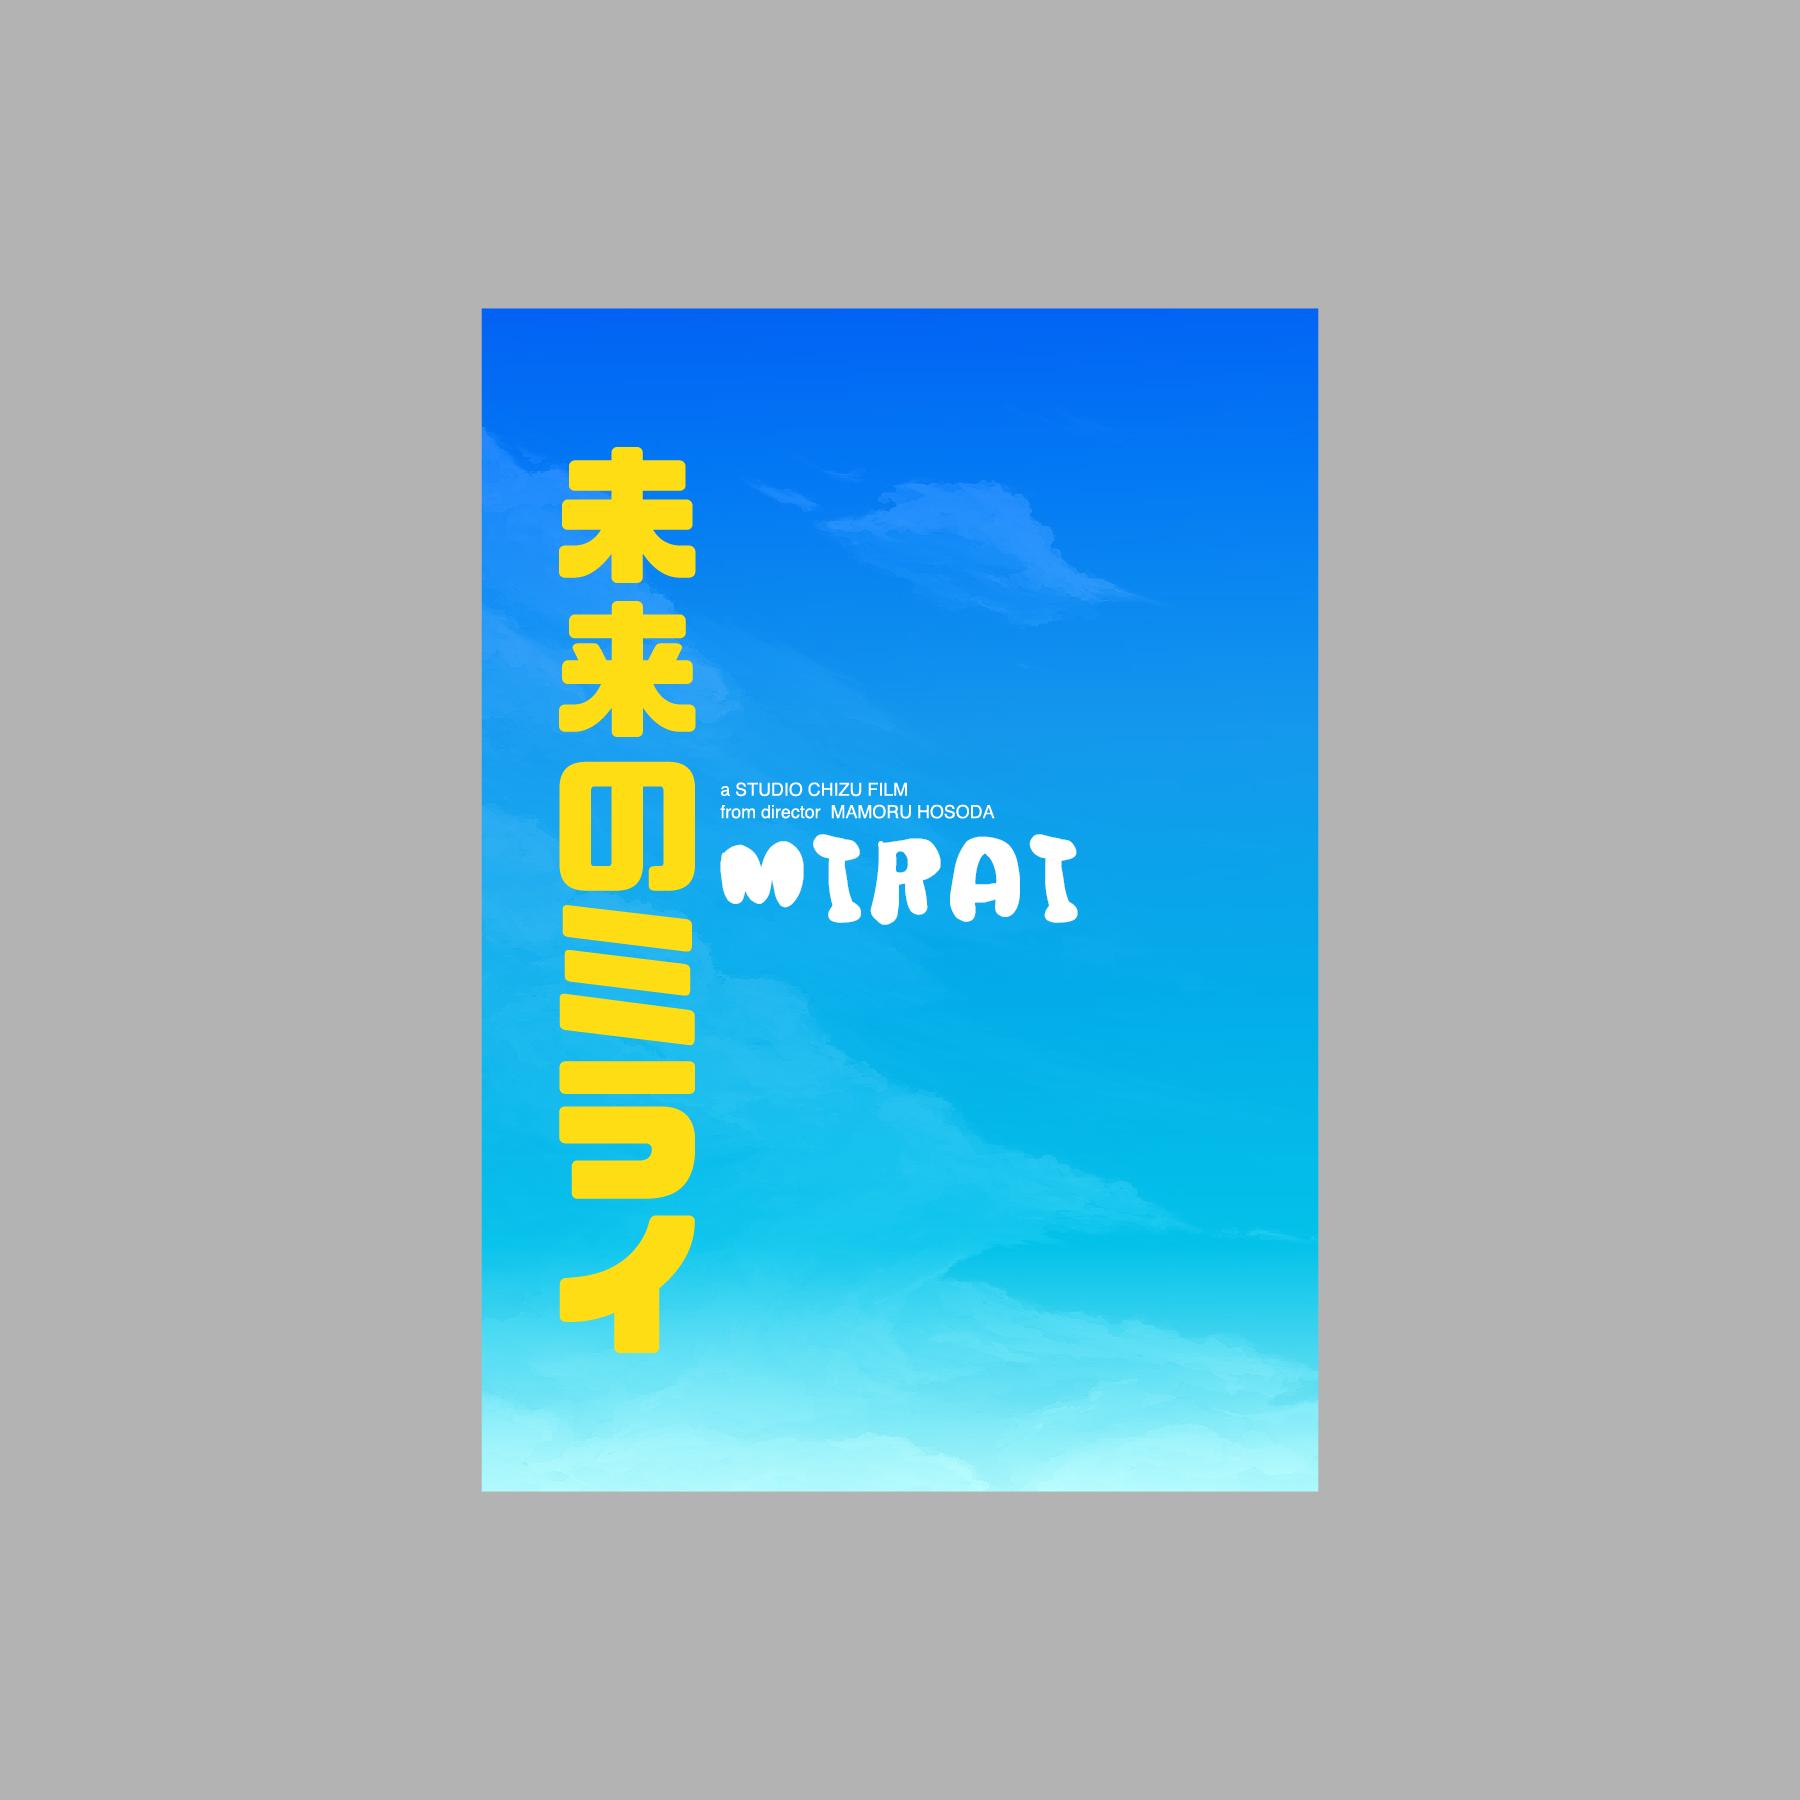 28-08-18_SFF-2018_Mirai.png